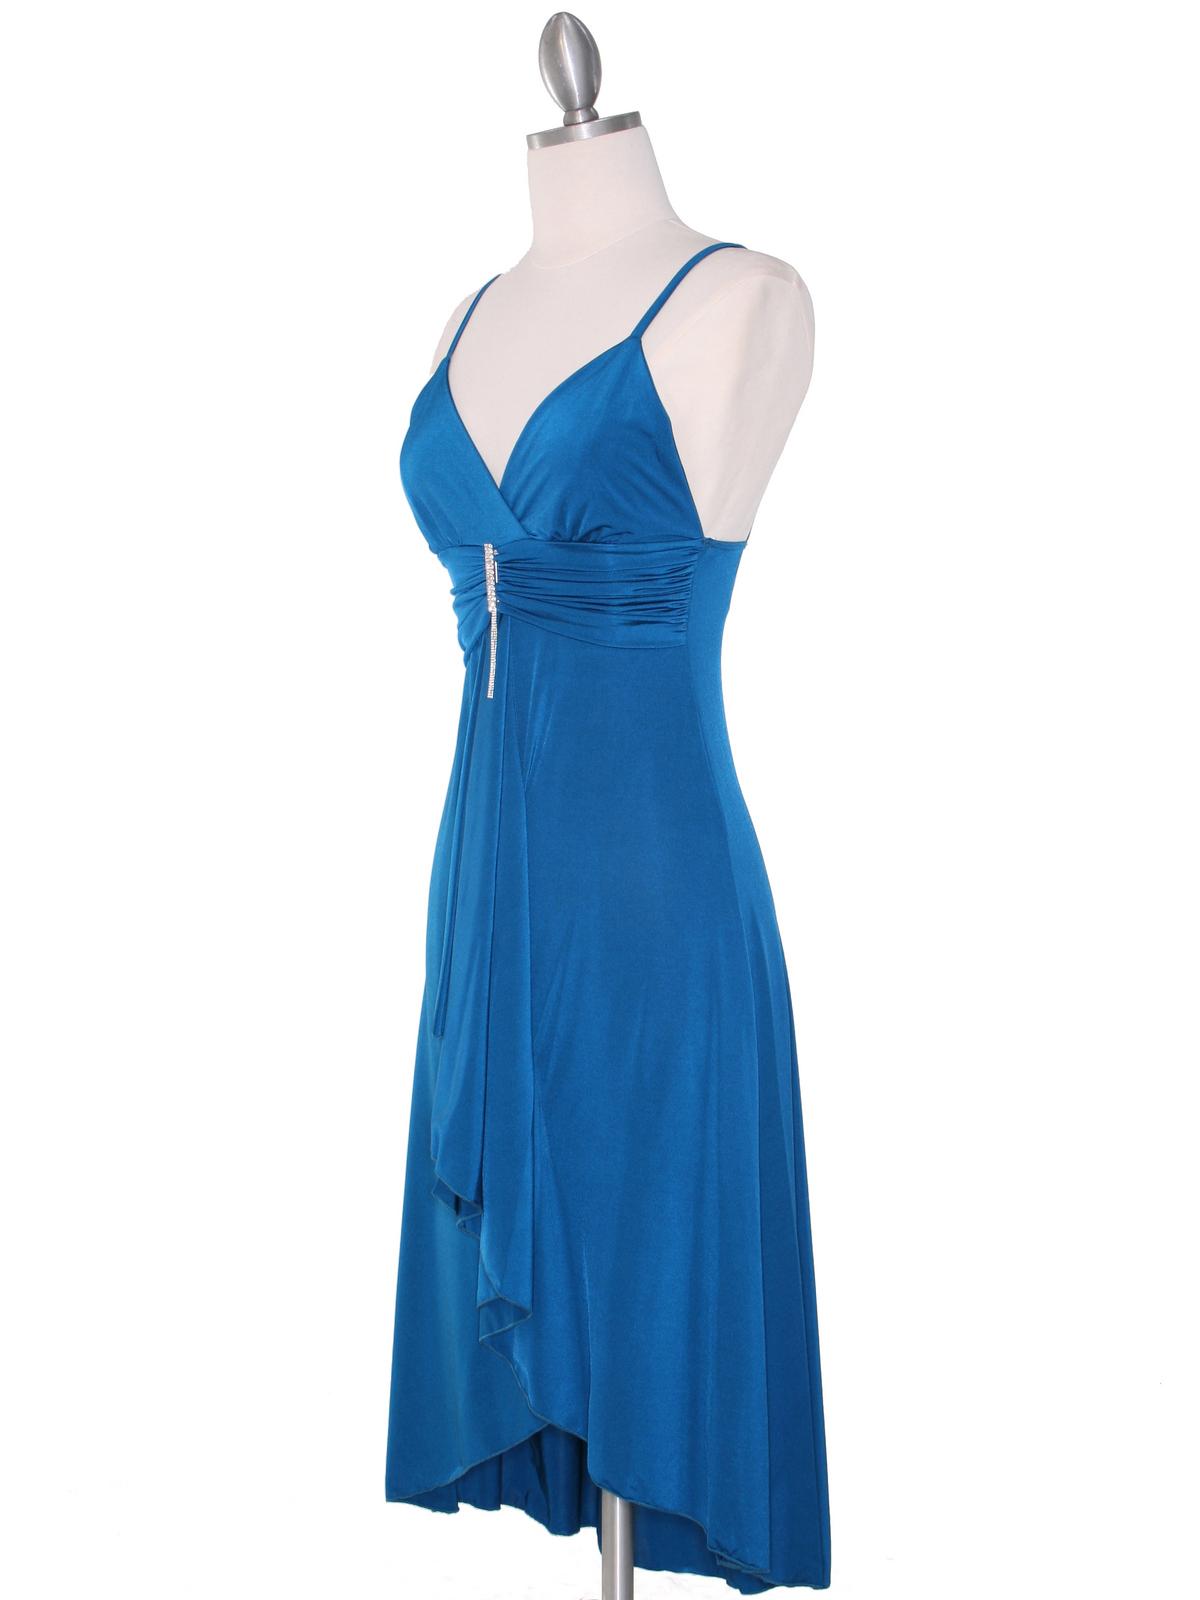 Teal Cocktail Dress Sung Boutique L A